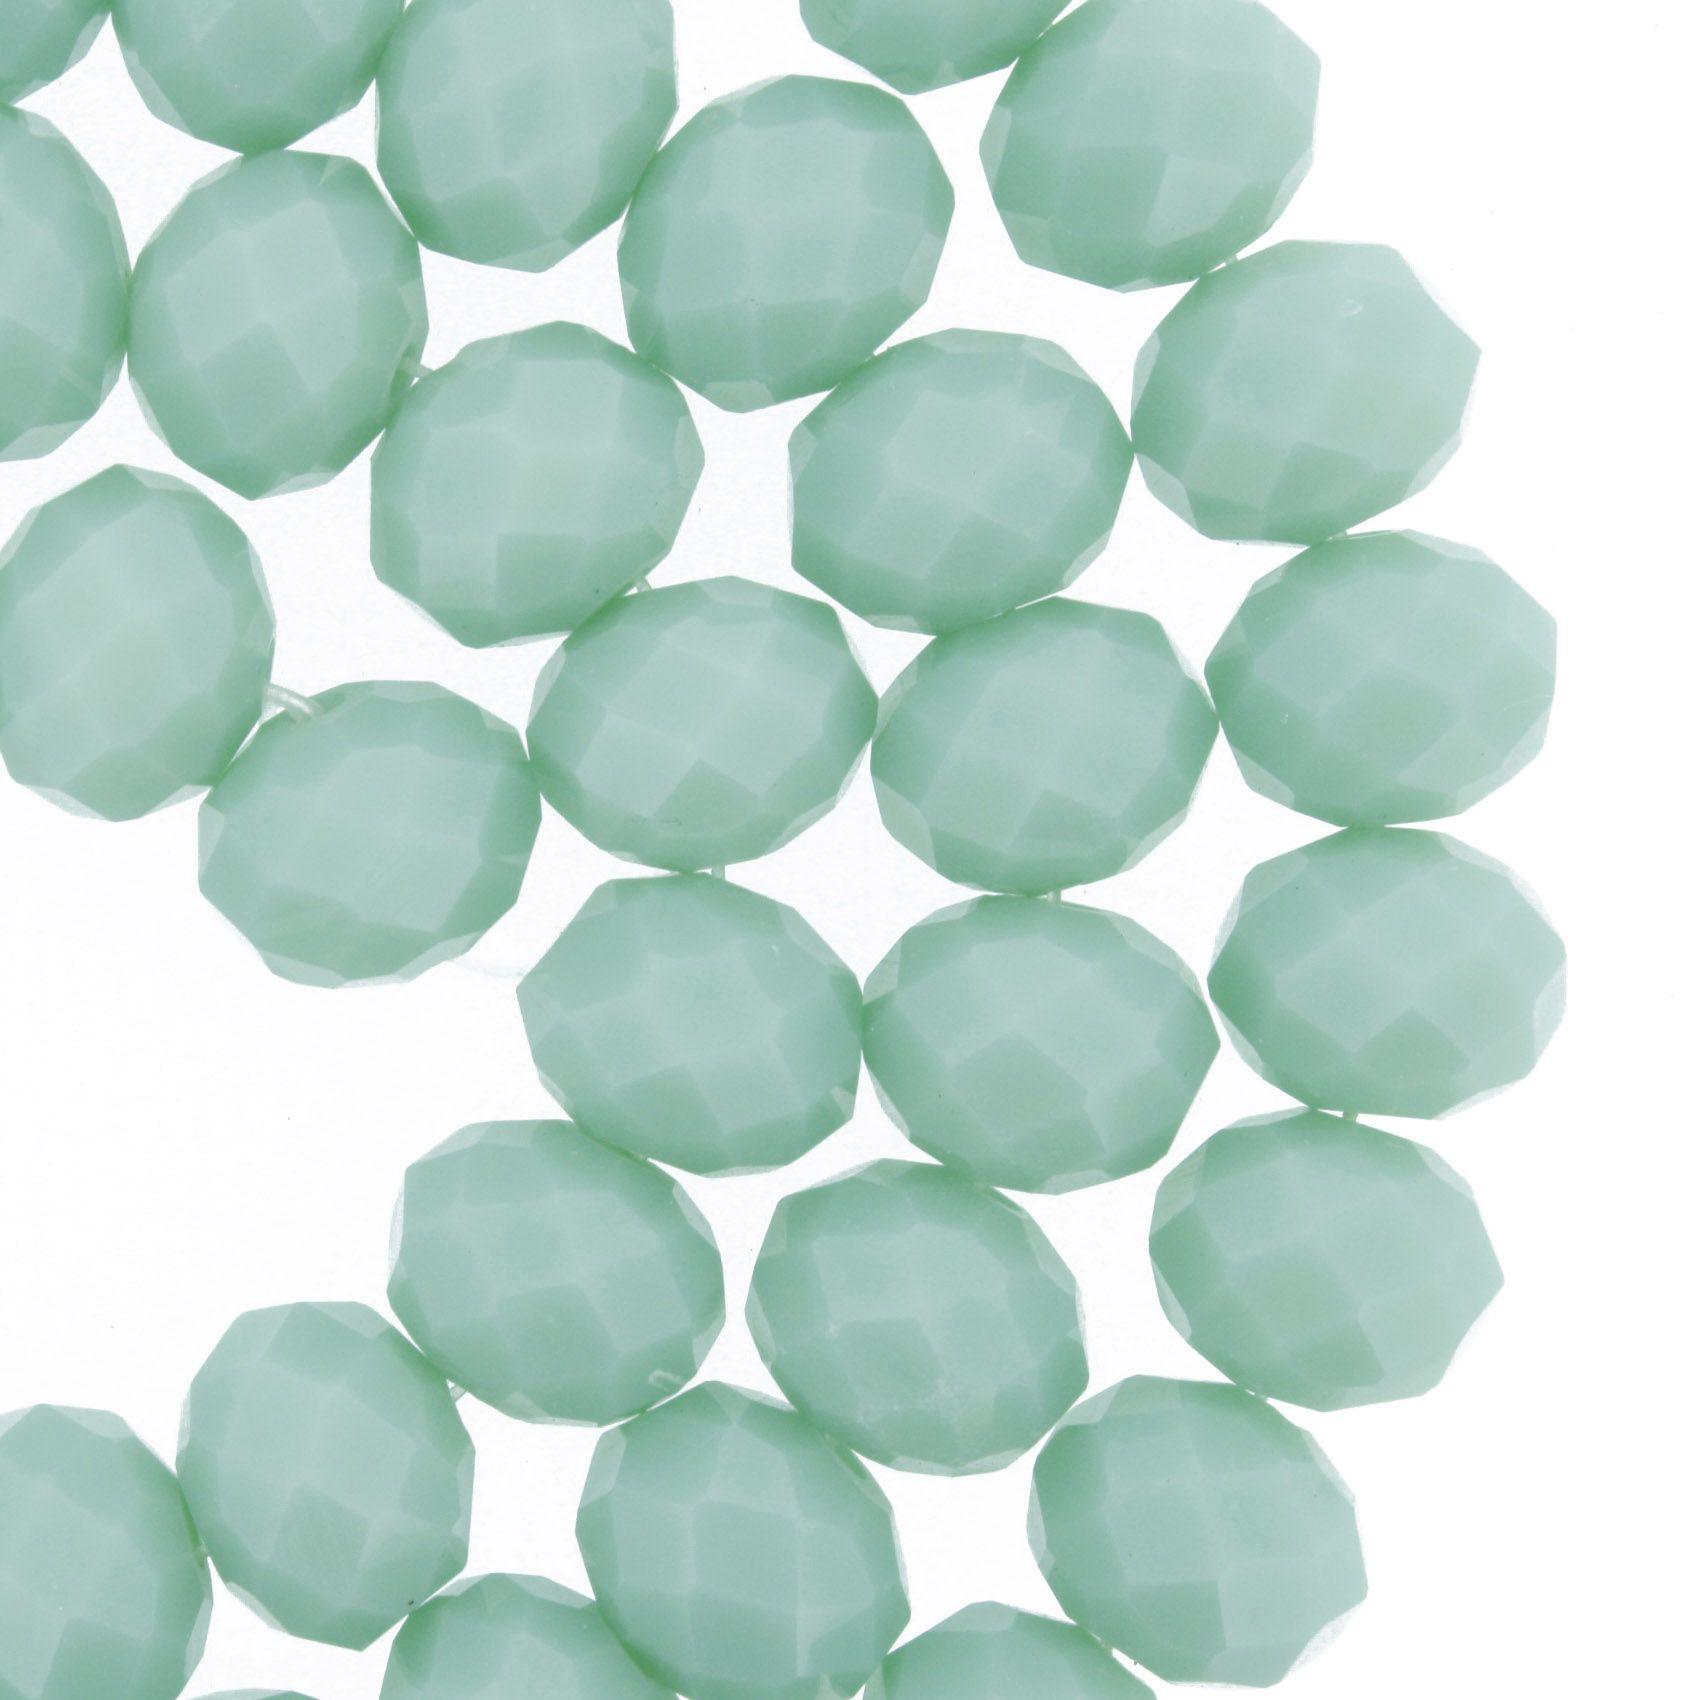 Fio de Cristal - Piatto® - Verde Água - 10mm  - Universo Religioso® - Artigos de Umbanda e Candomblé